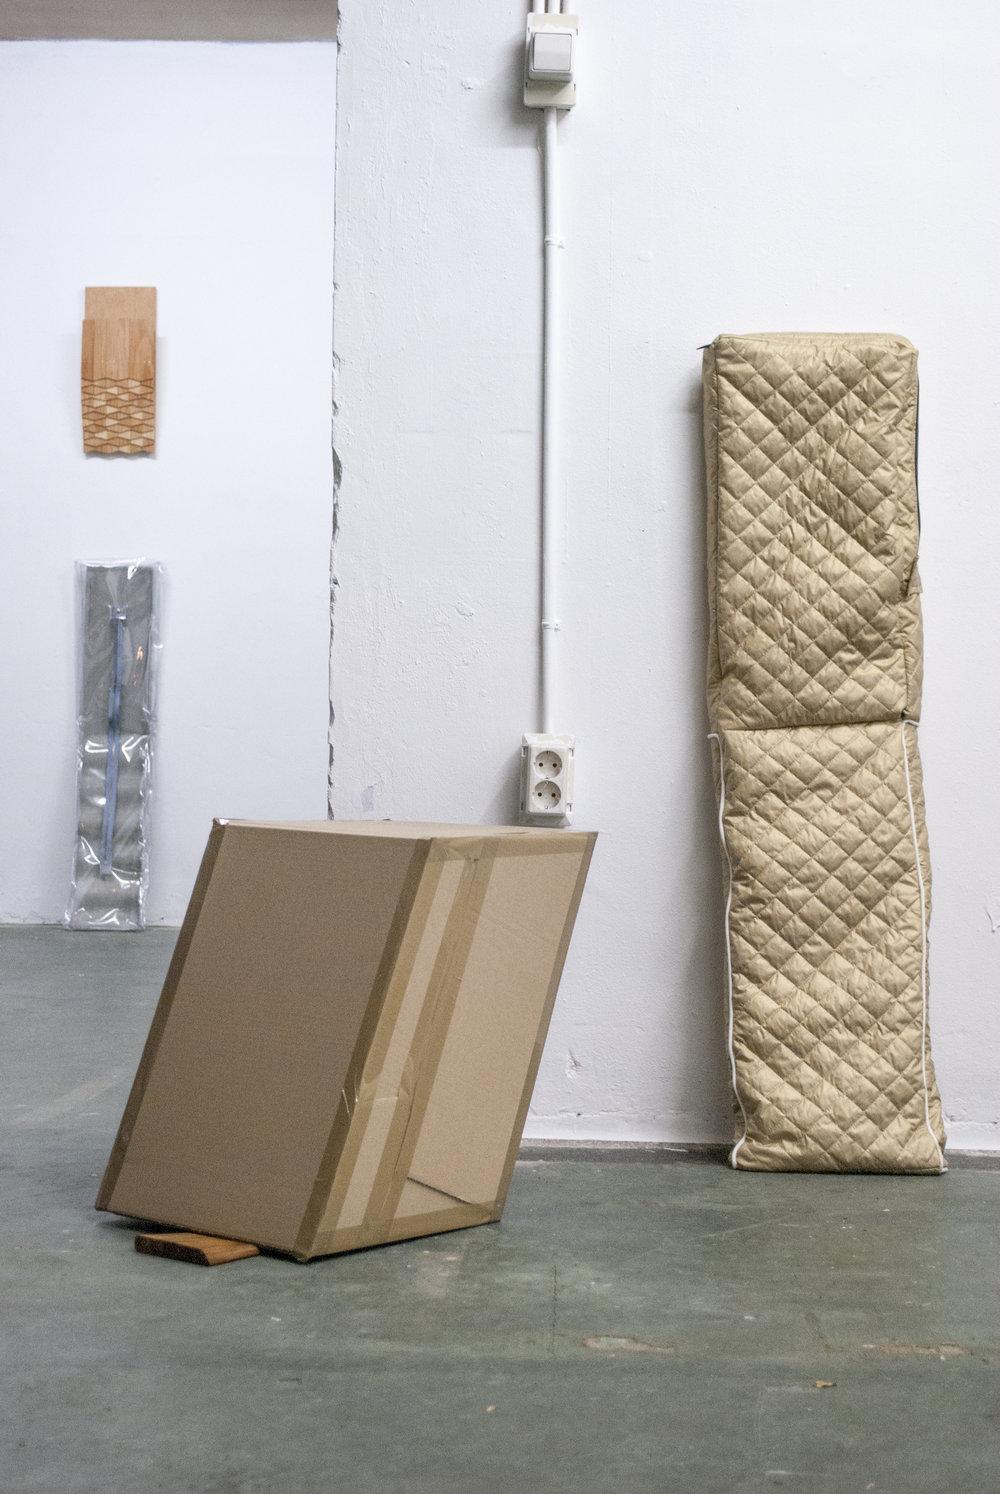 Wooden pieces by Olga Micińska.